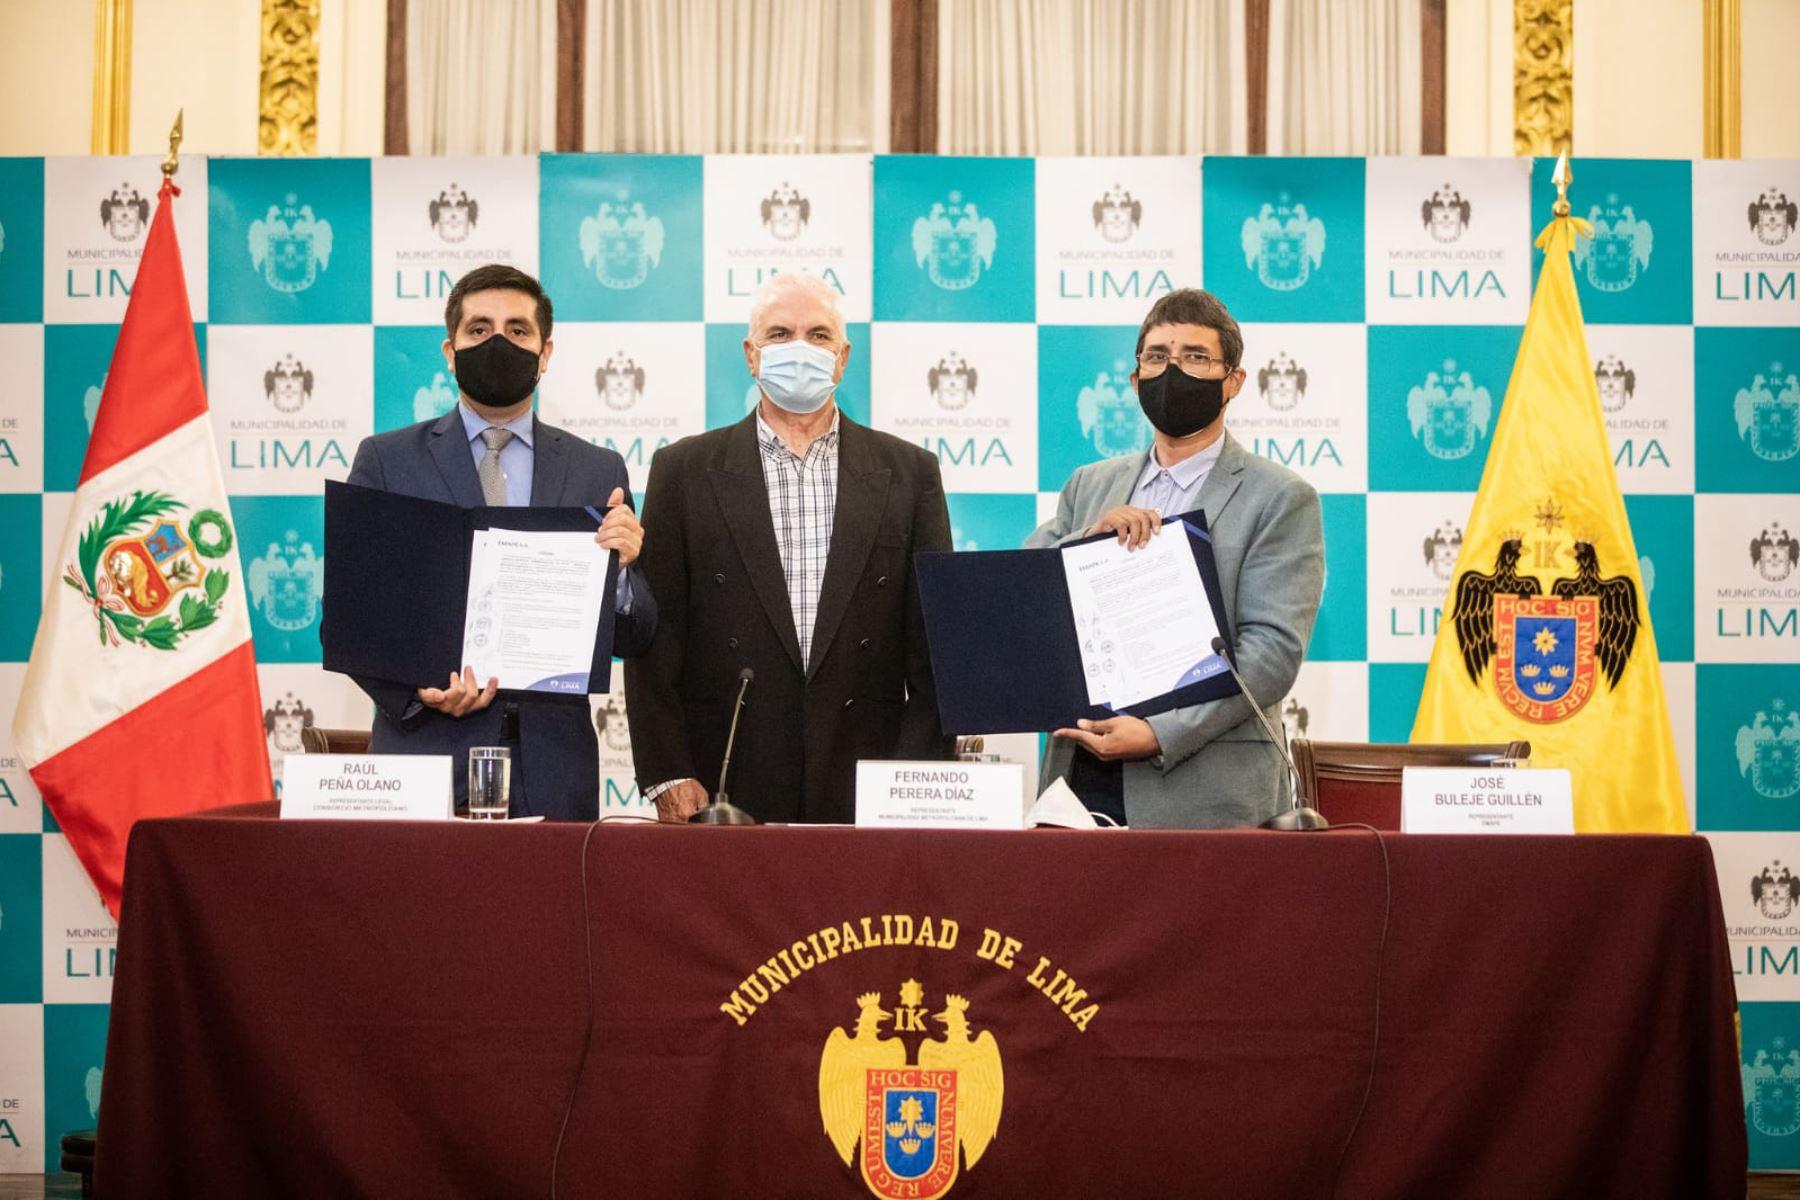 La Municipalidad de Lima y el Consorcio Metropolitano Norte suscribieron contrato que permitirá ampliación de vía exclusiva. Foto: ANDINA/Municipalidad de Lima